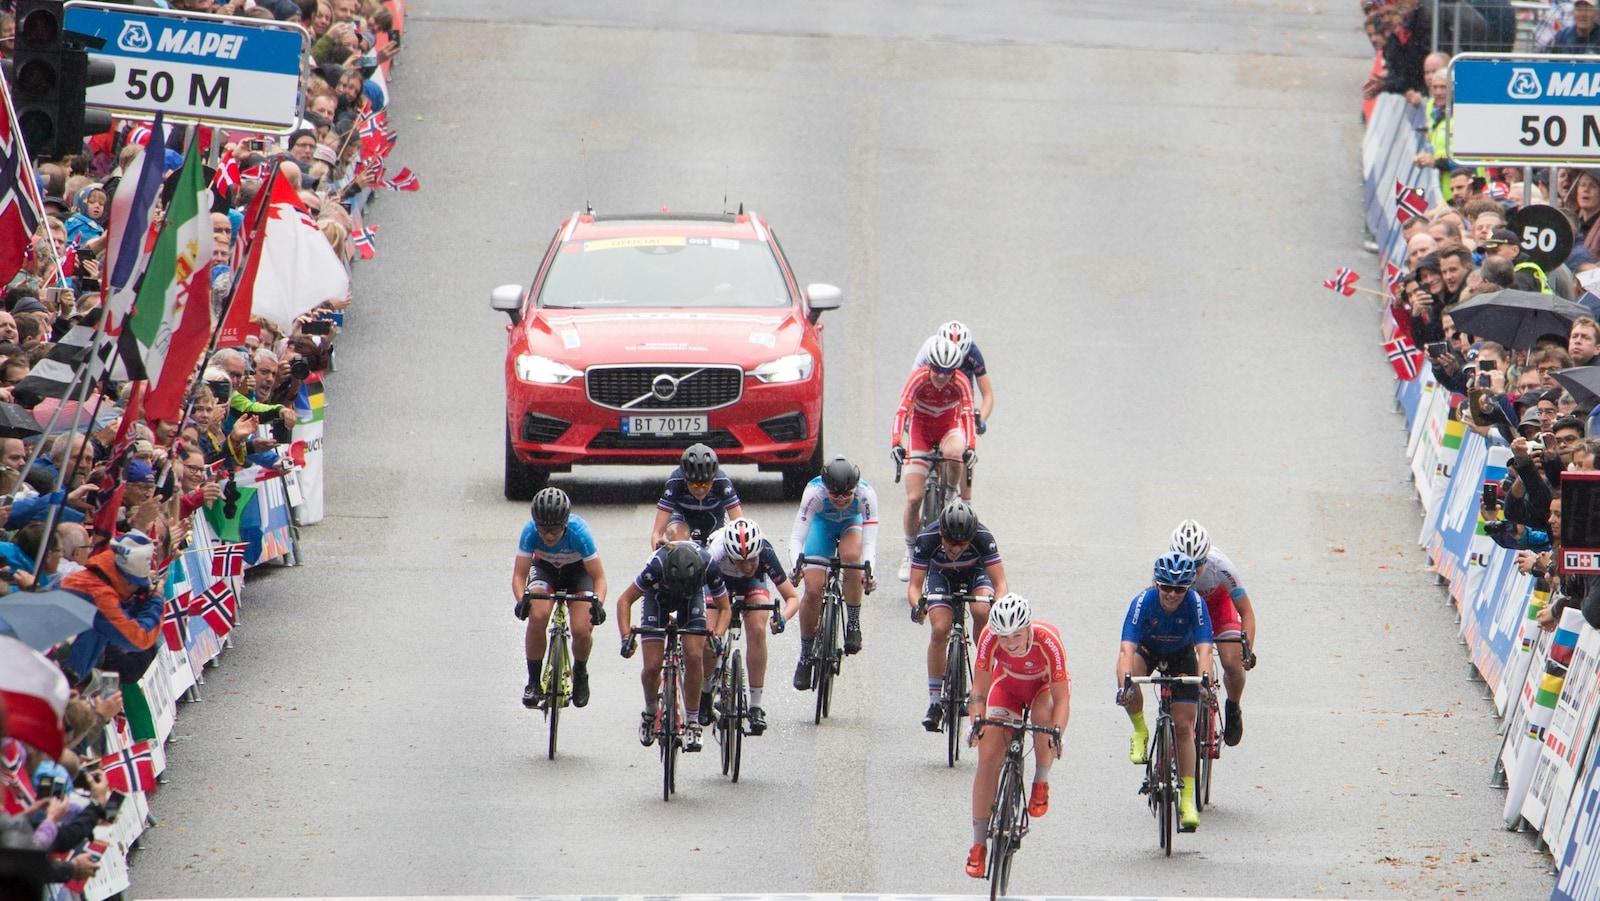 Simone Boilard à l'extrême gauche lors des Championnats du monde de cyclisme sur route chez les juniors à Bergen en Norvège